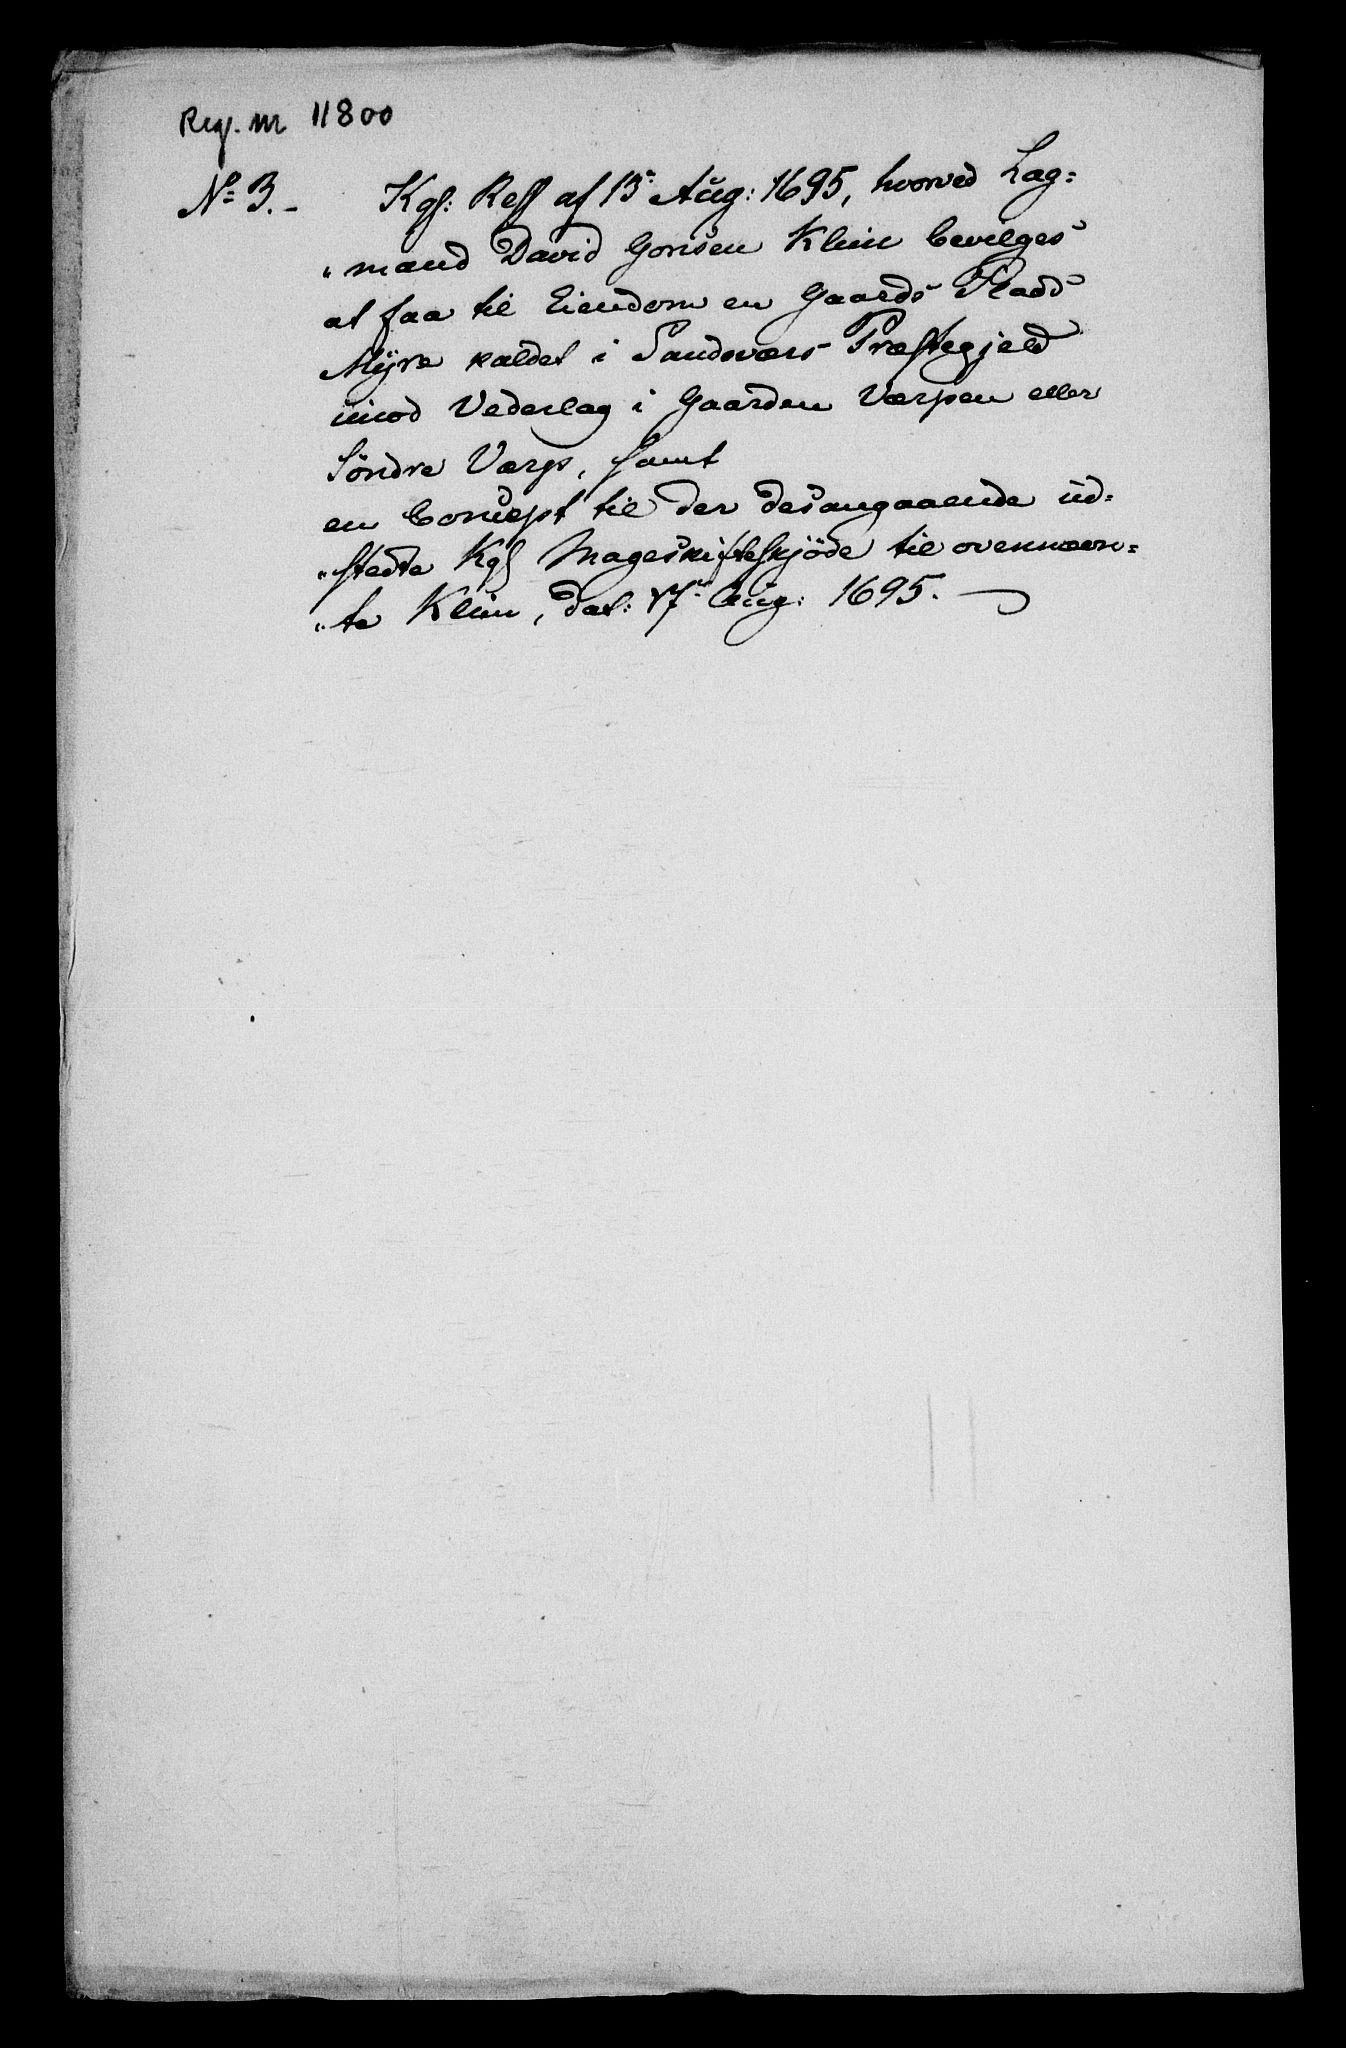 RA, Rentekammeret inntil 1814, Realistisk ordnet avdeling, On/L0013: [Jj 14]: Forskjellige dokumenter om krongodset i Norge, 1672-1722, s. 209